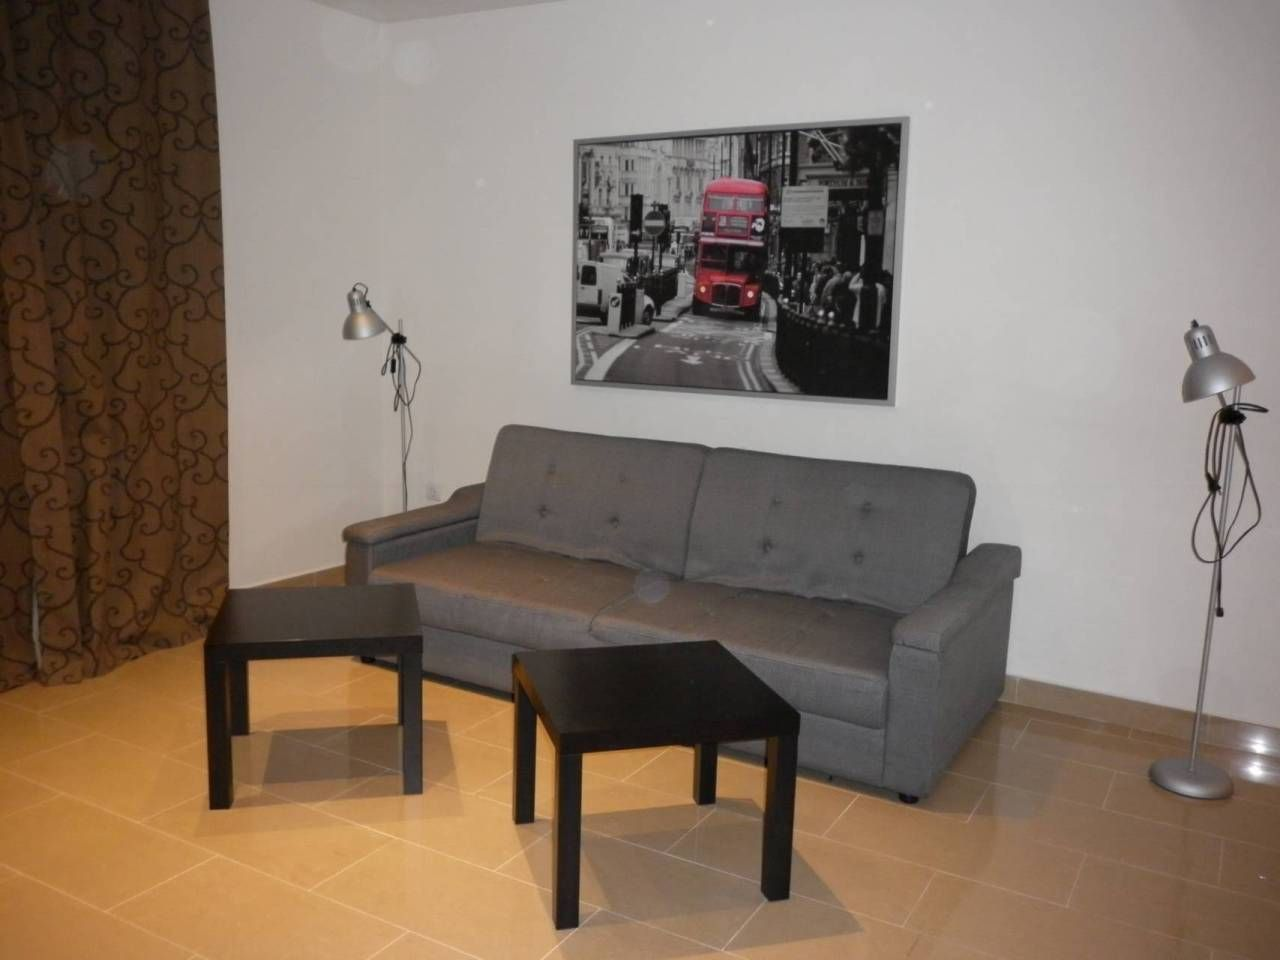 Lloguer Pis  Calle esperanto. Superf. 61.74 m², útil 61.74 m²,  1 habitación doble,  1 baño, c